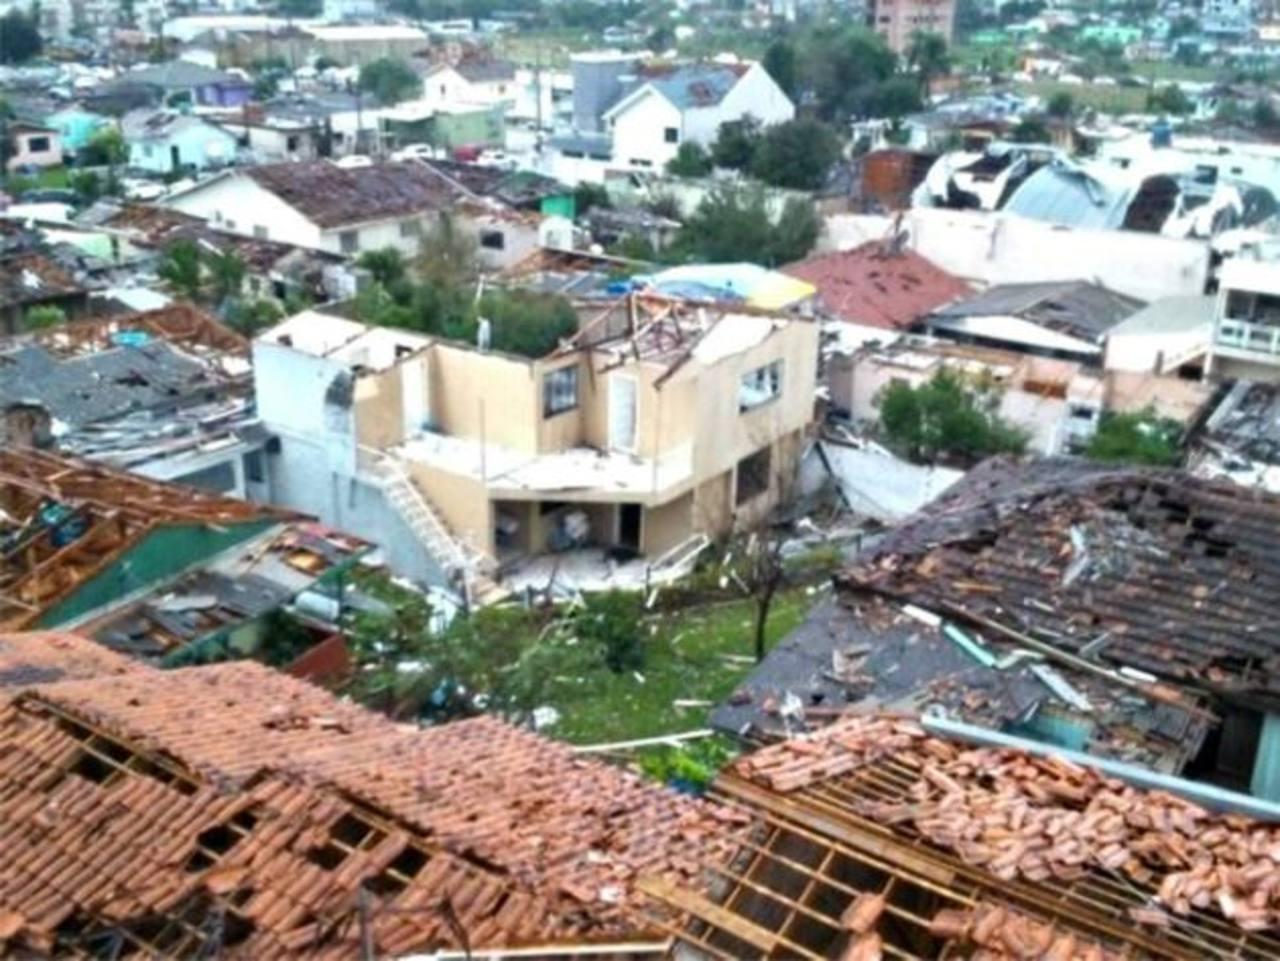 La ciudad brasileña de Xanxere, en el sureño estado de Santa Catarina, Brasil, donde dos personas murieron y hubo varias heridas durante un tornado registrado la tarde del lunes.